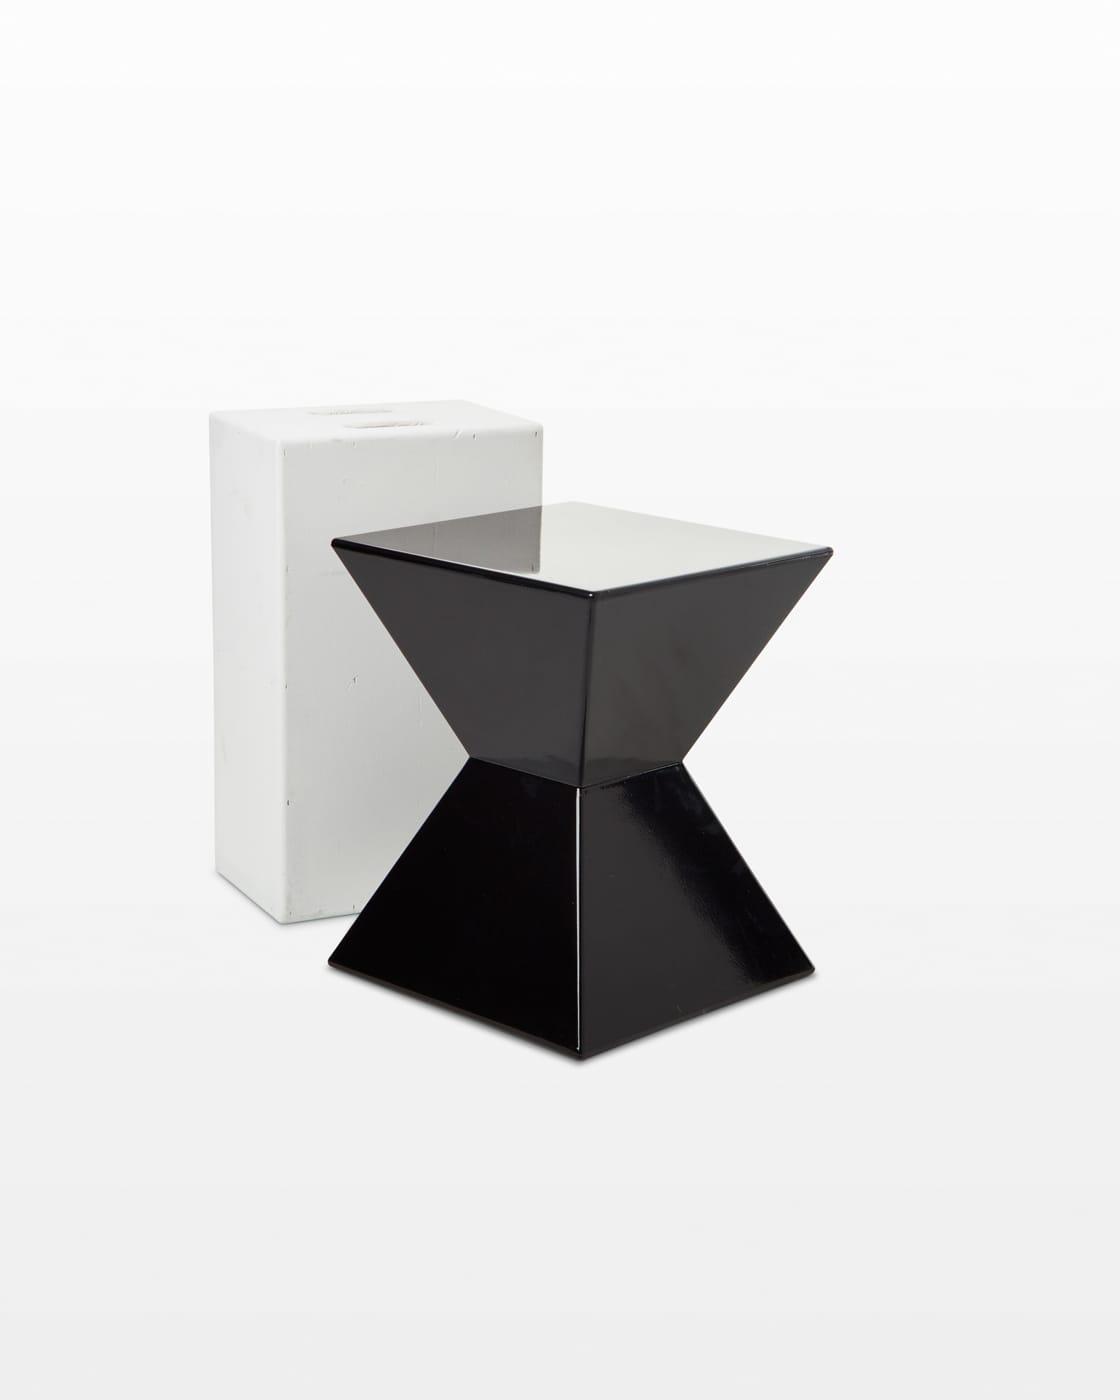 Lovable Magazine Rack Acrylic Side Tables Living Room Pyramid Acrylic Side Table Pyramid Acrylic Side Table Prop Rental Acme Brooklyn Acrylic Side Table houzz 01 Acrylic Side Table